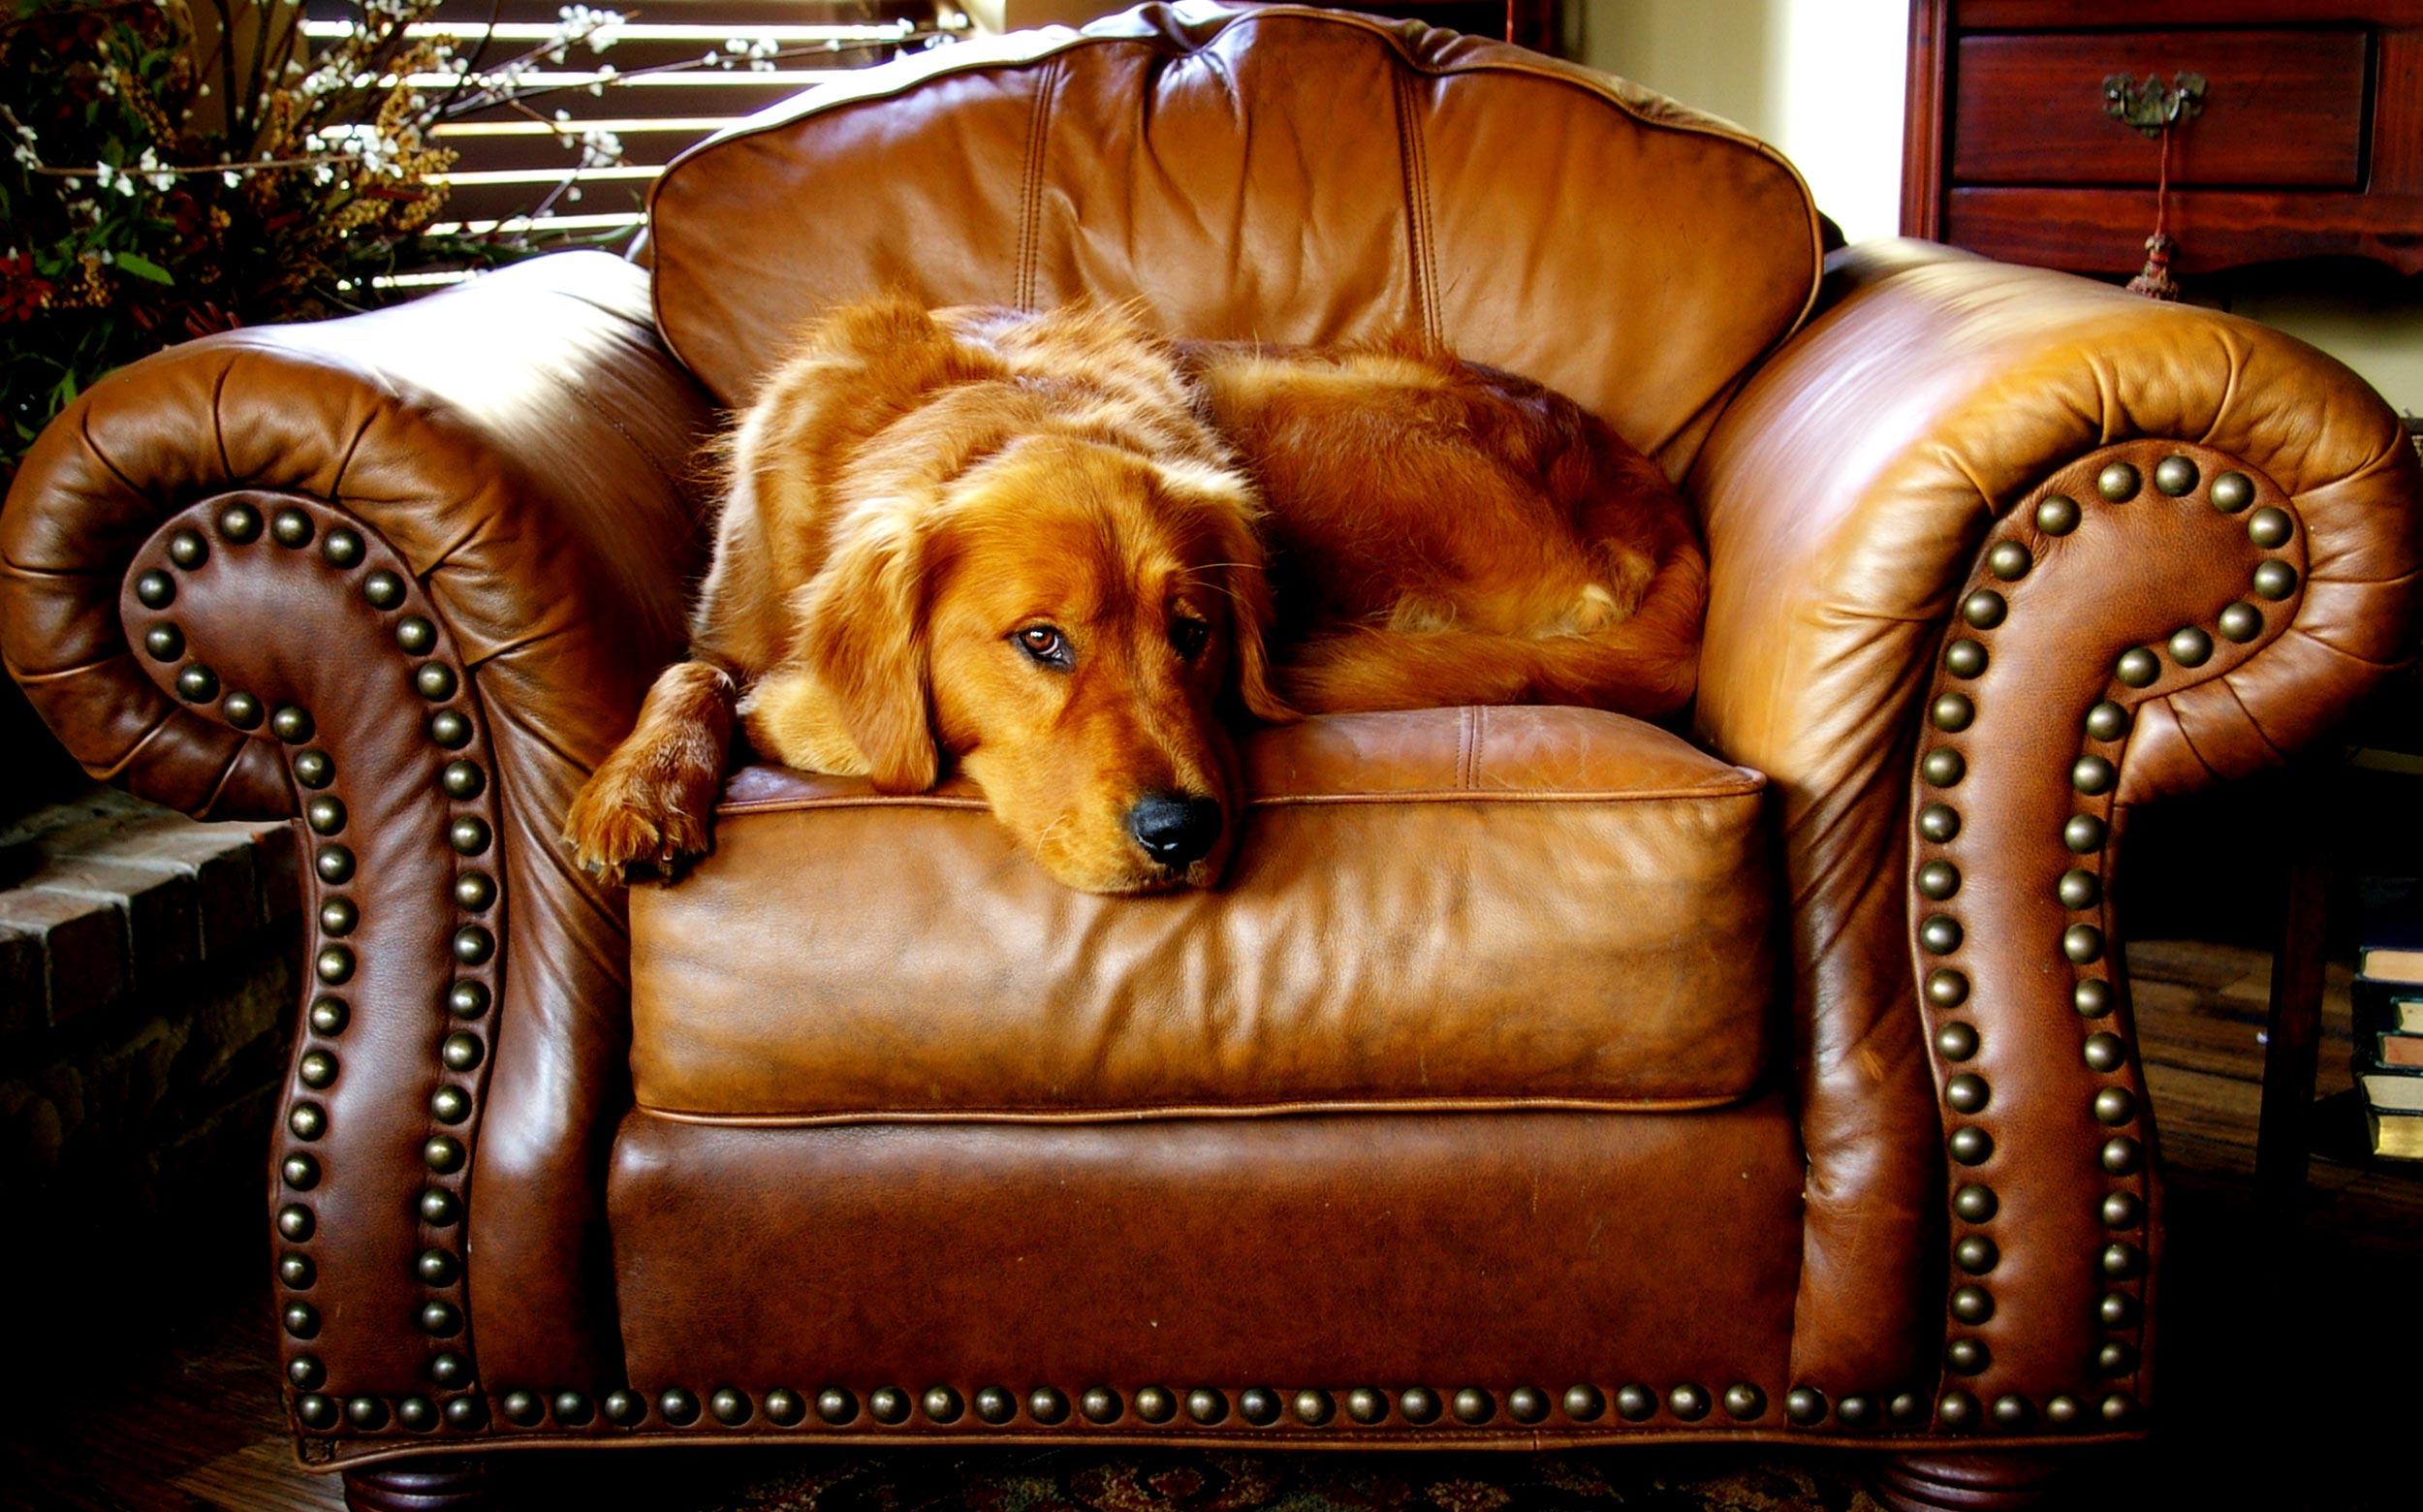 Opa s stoel opnieuw bekleed met leer u stadman meubelstoffering